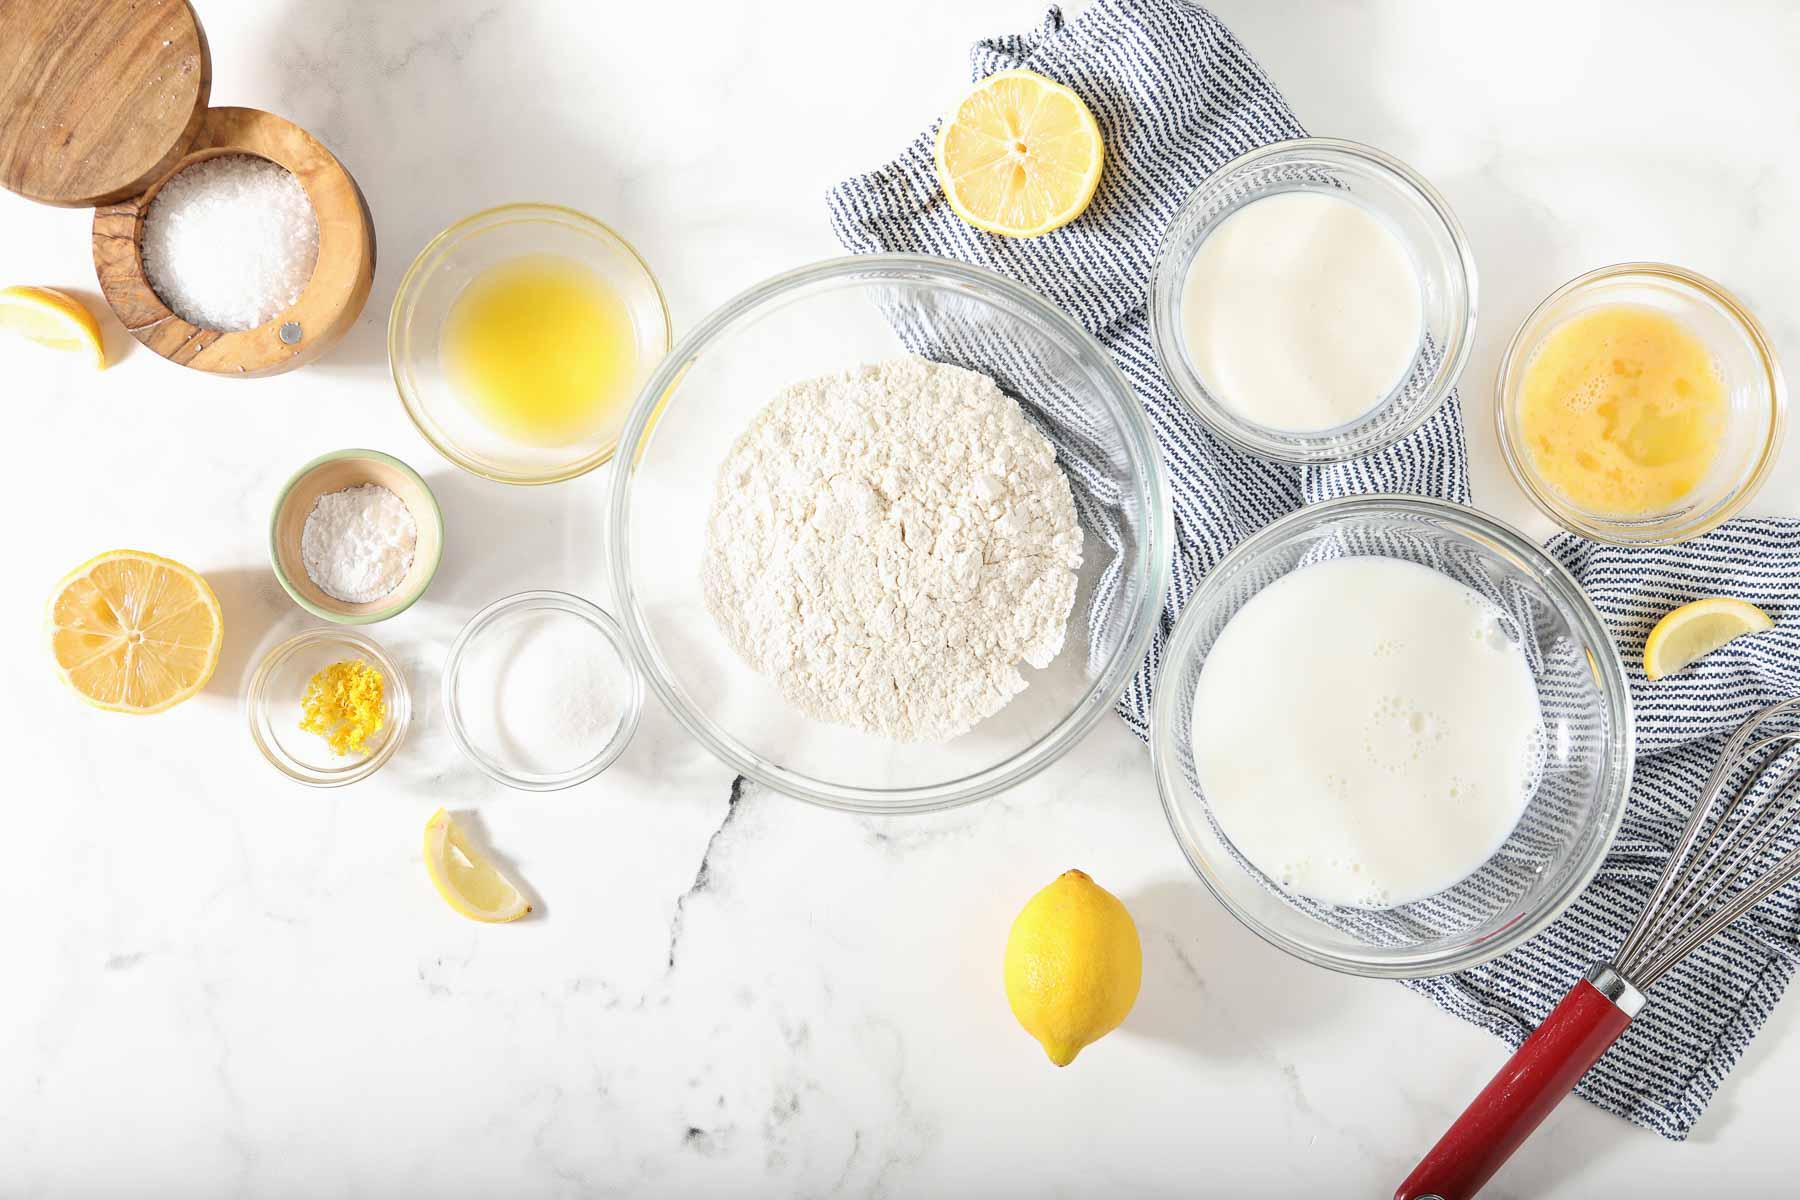 Ingredients to make lemon pancakes on white table.